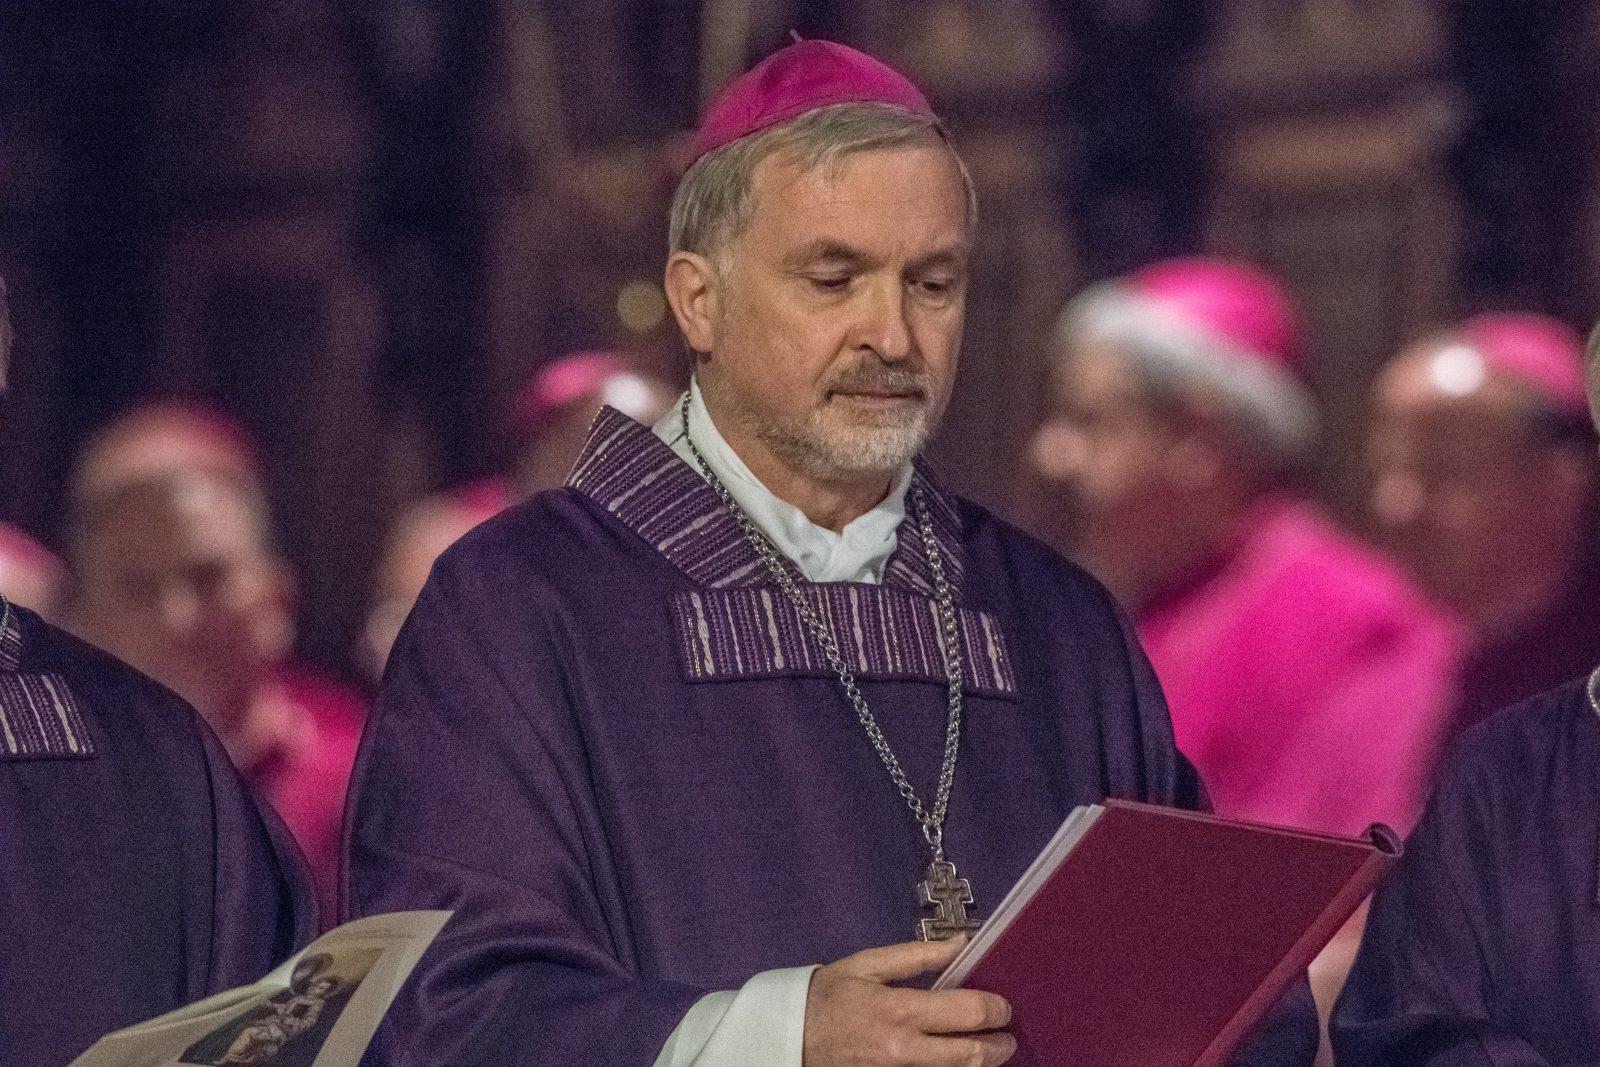 Der Bischof von Eichstätt, Georg Maria Hanke, hätte sich in der Vergangenheit eine Öffnung der Kirche für die Grünen gewünscht Foto: (c) dpa